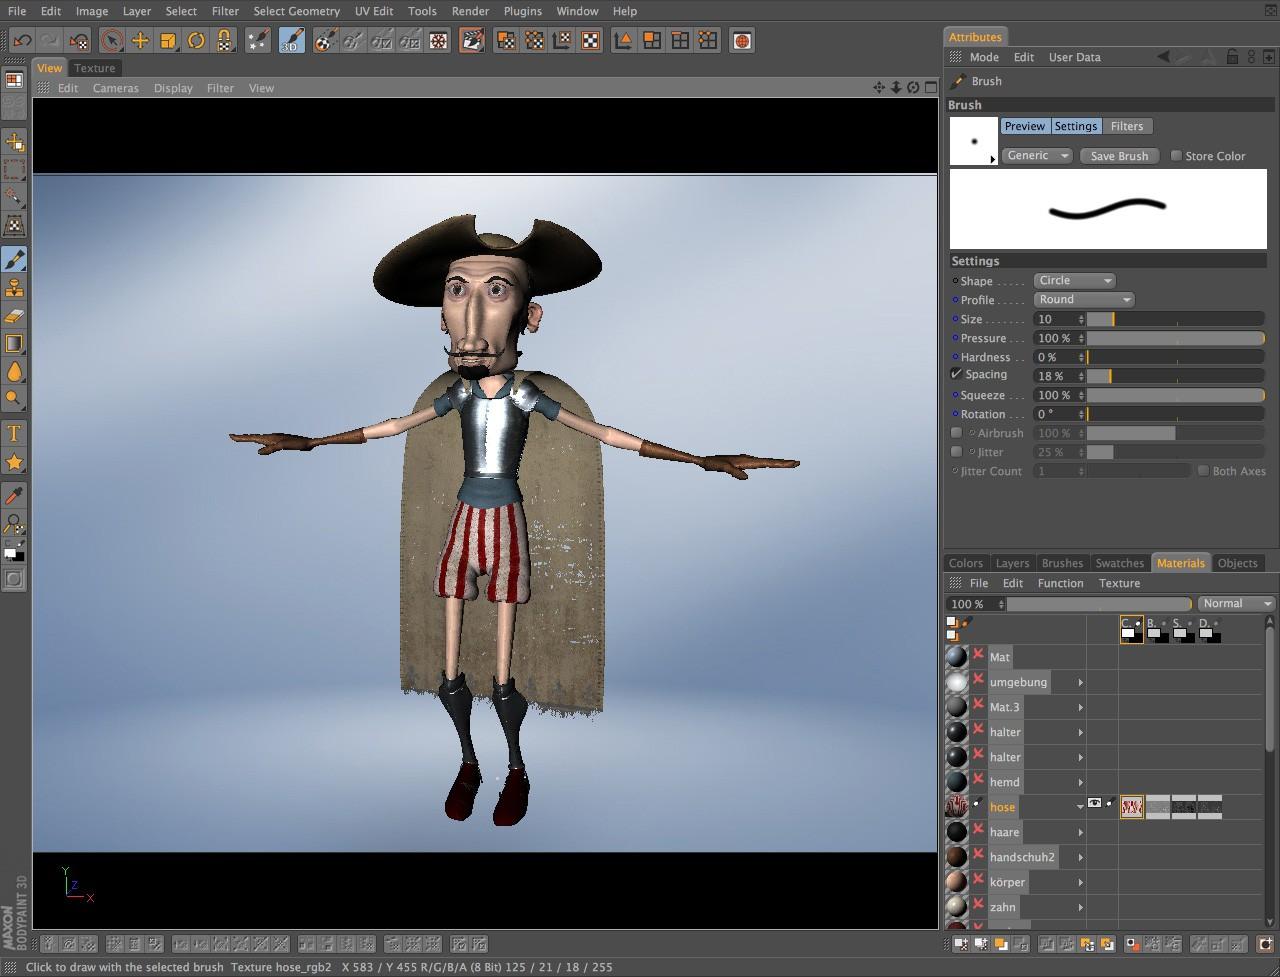 Maxon: Cinema 4D Release 12 rendert besser - Bodypaint 3D - wird weiterhin separat angeboten